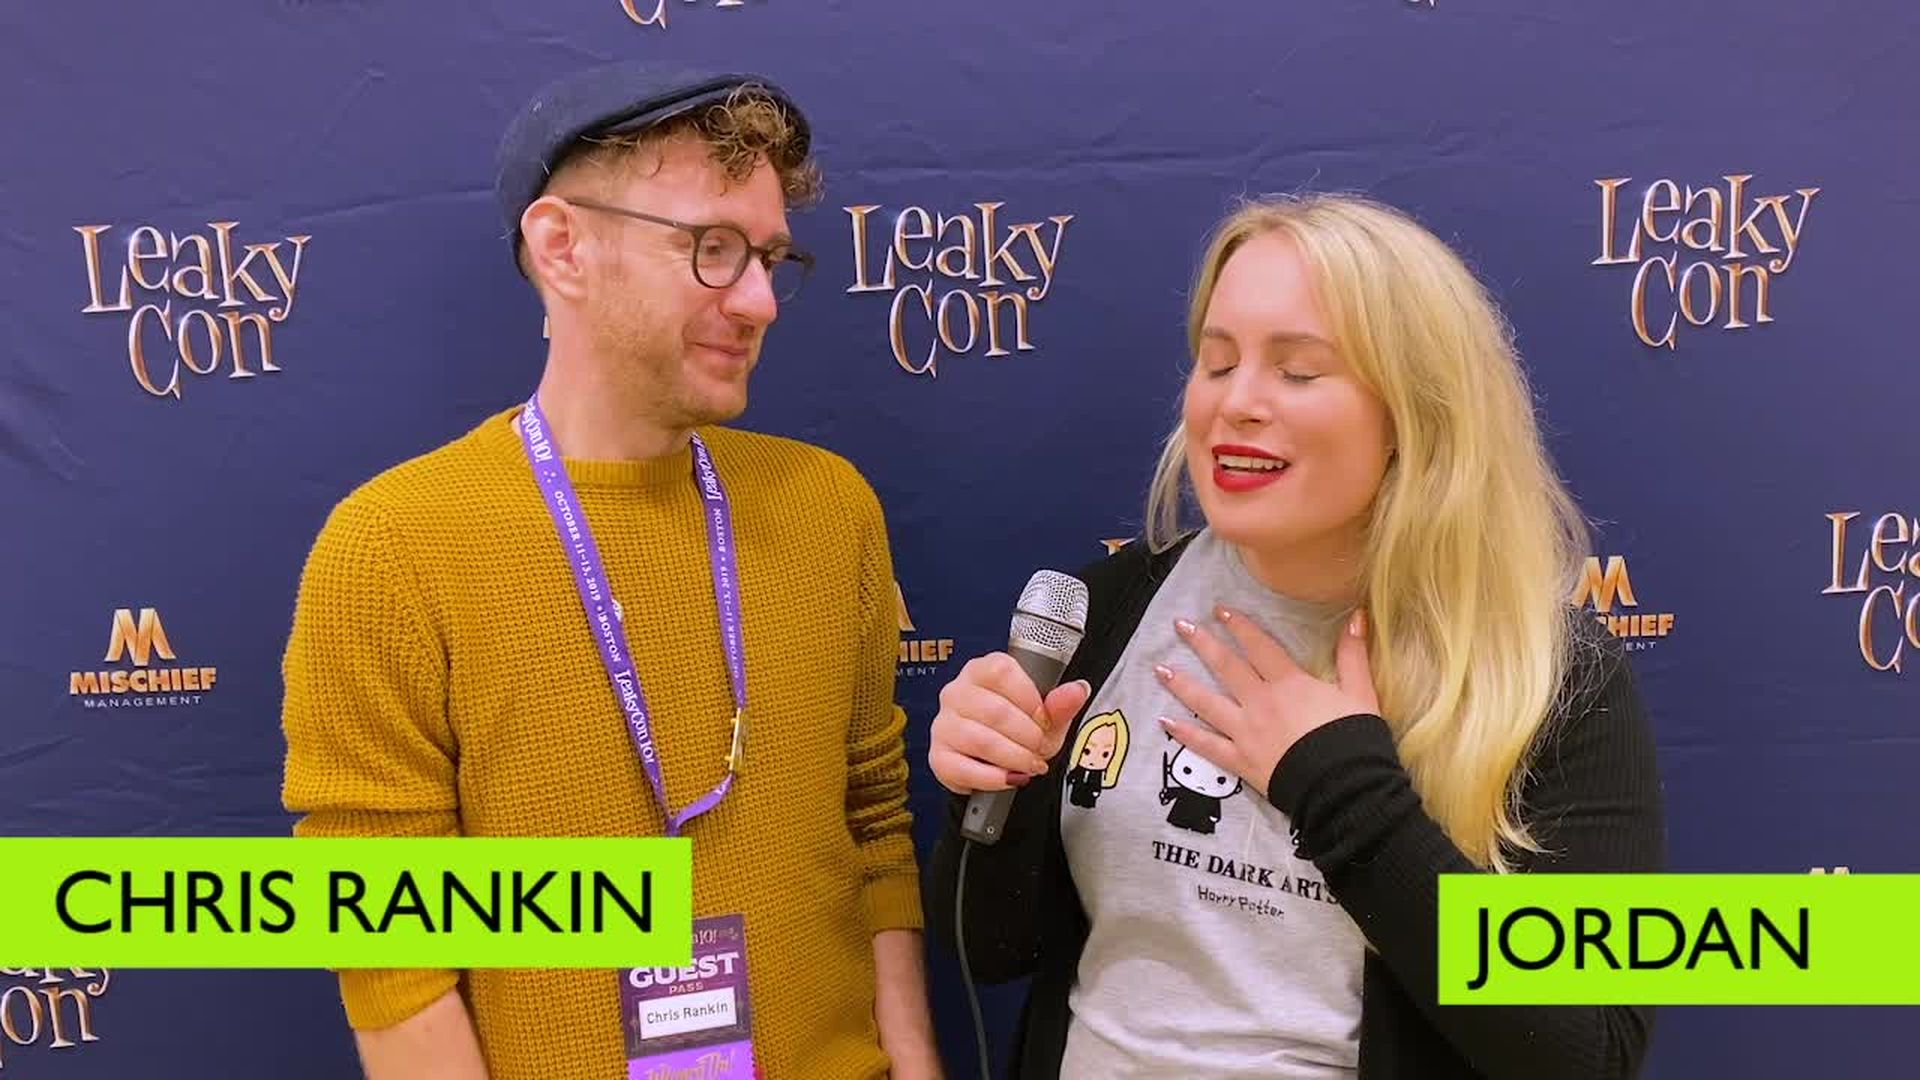 Chris Rankin - Leaky Con